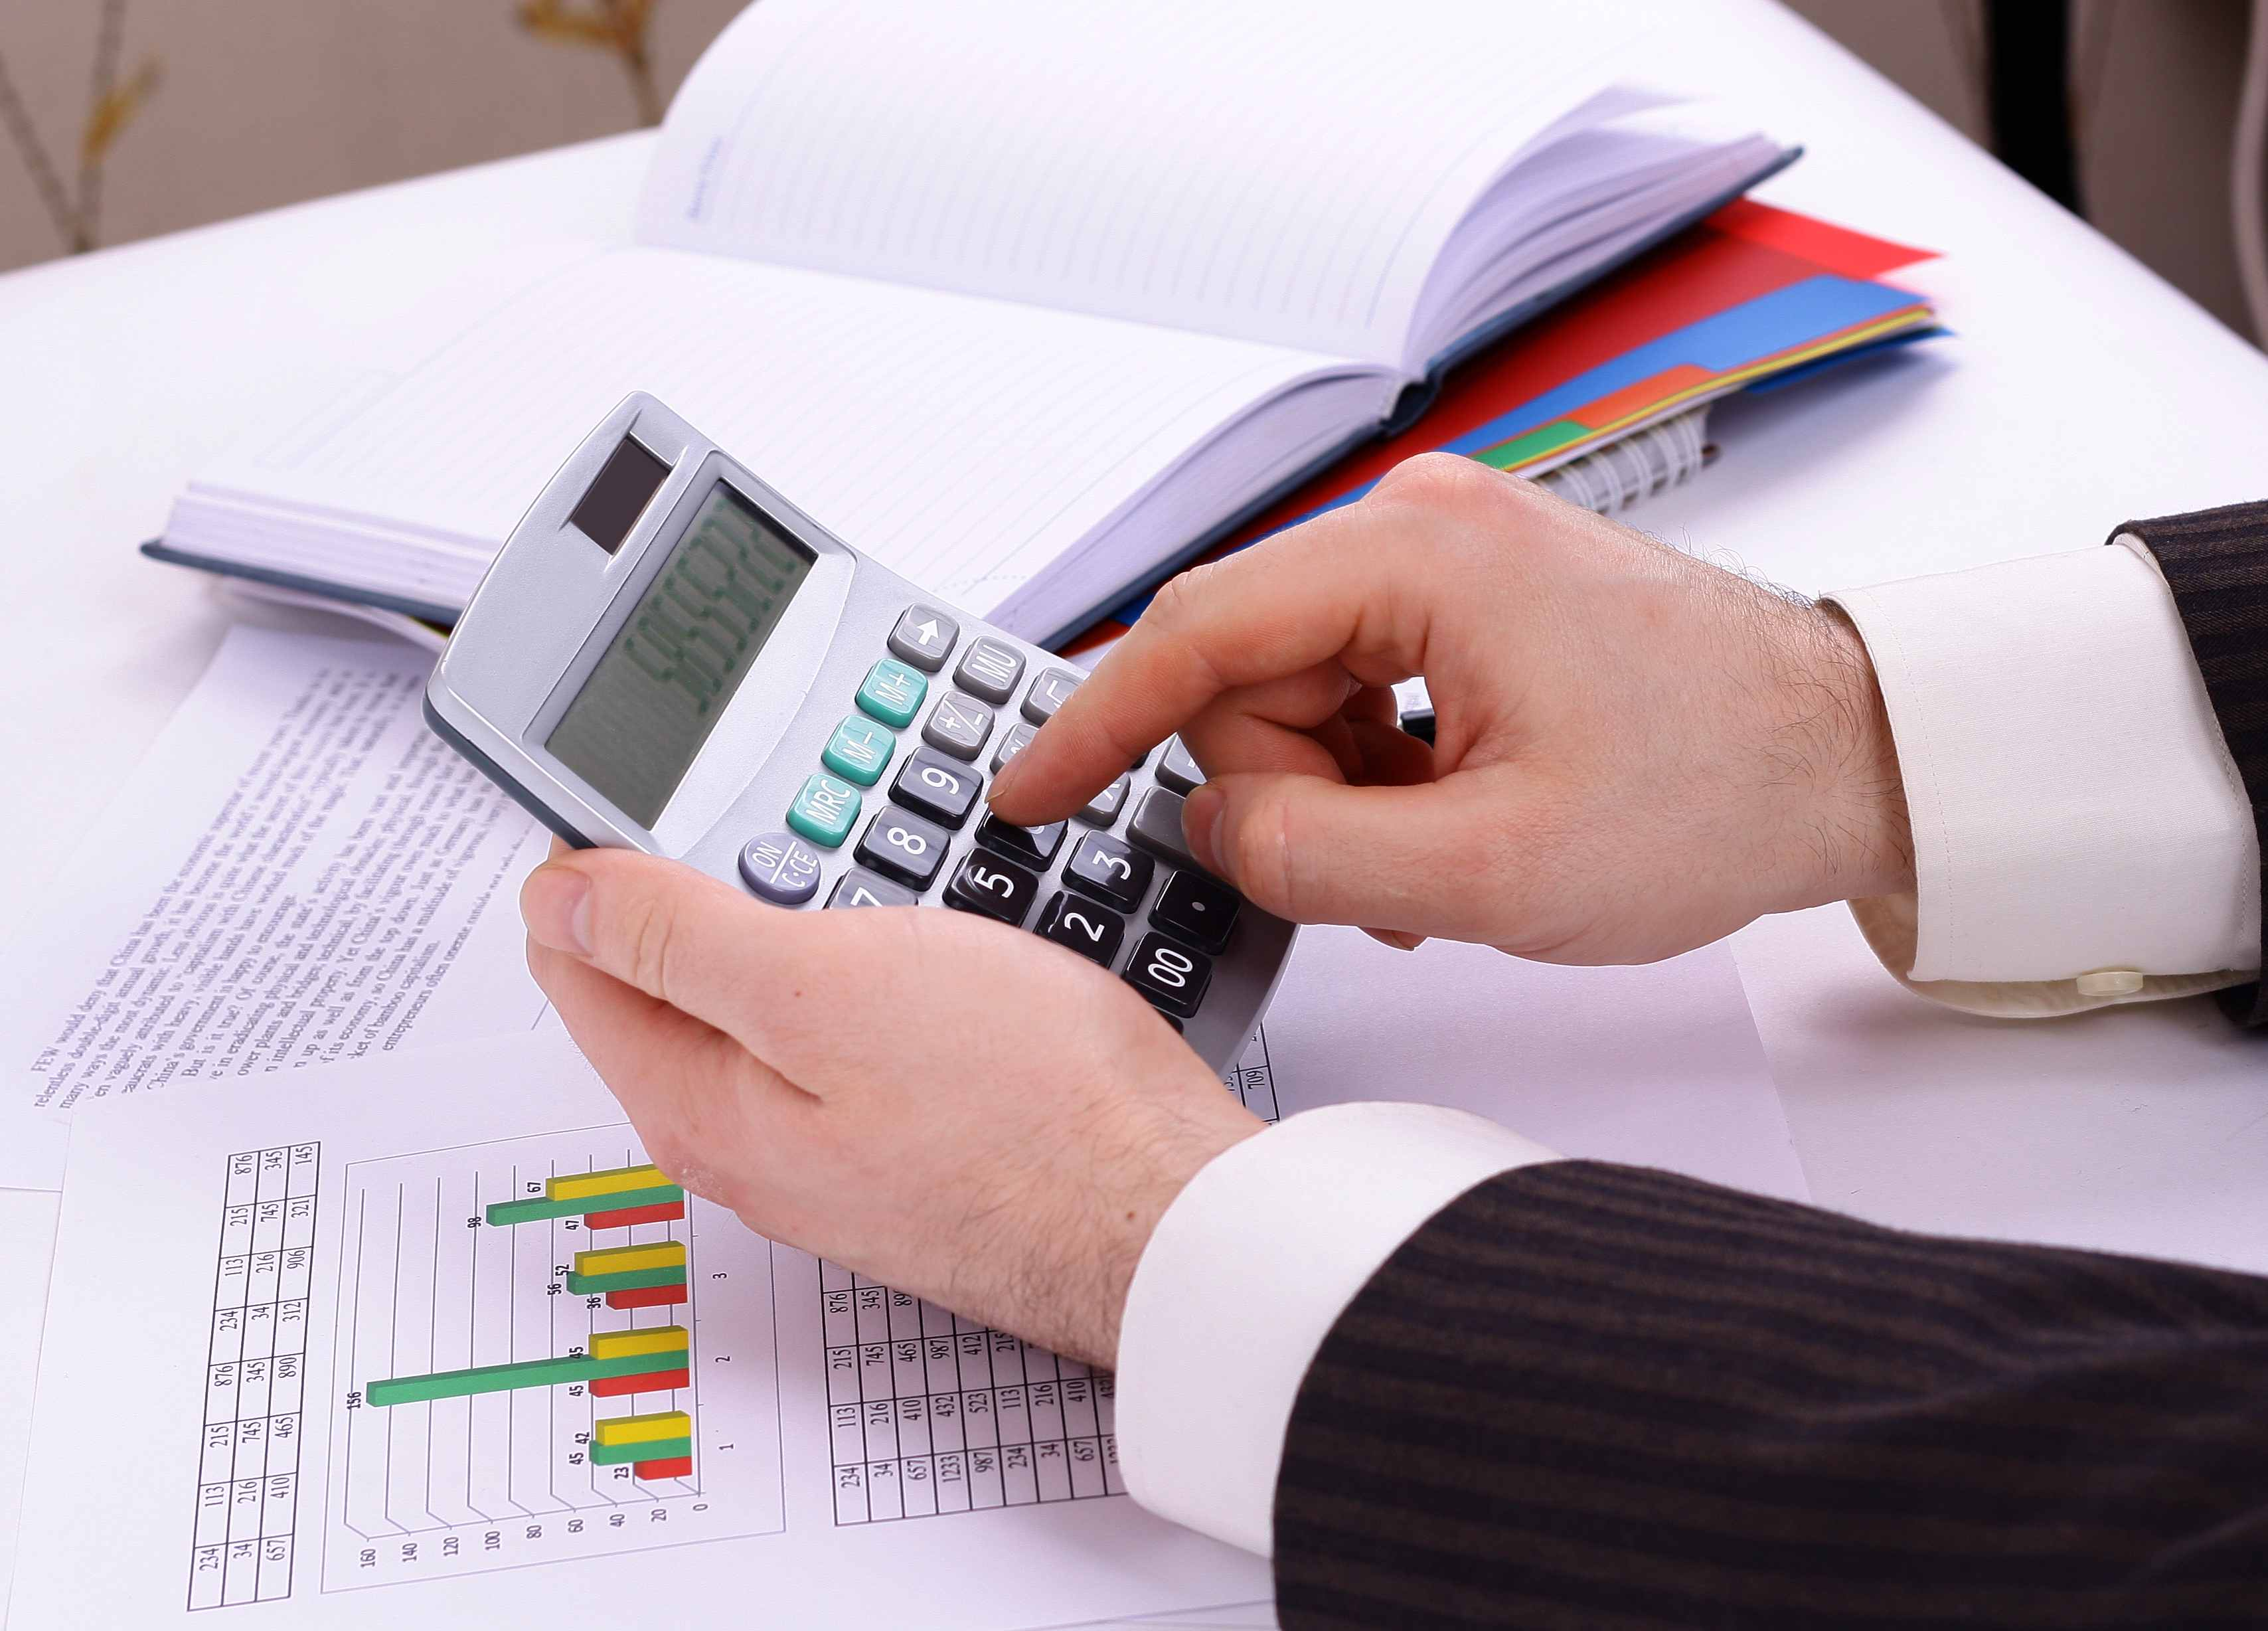 בסיס דיווח על בסיס מזומן לצרכי מס הכנסה ואלו פעולות ניתן לבצע לקראת סוף השנה